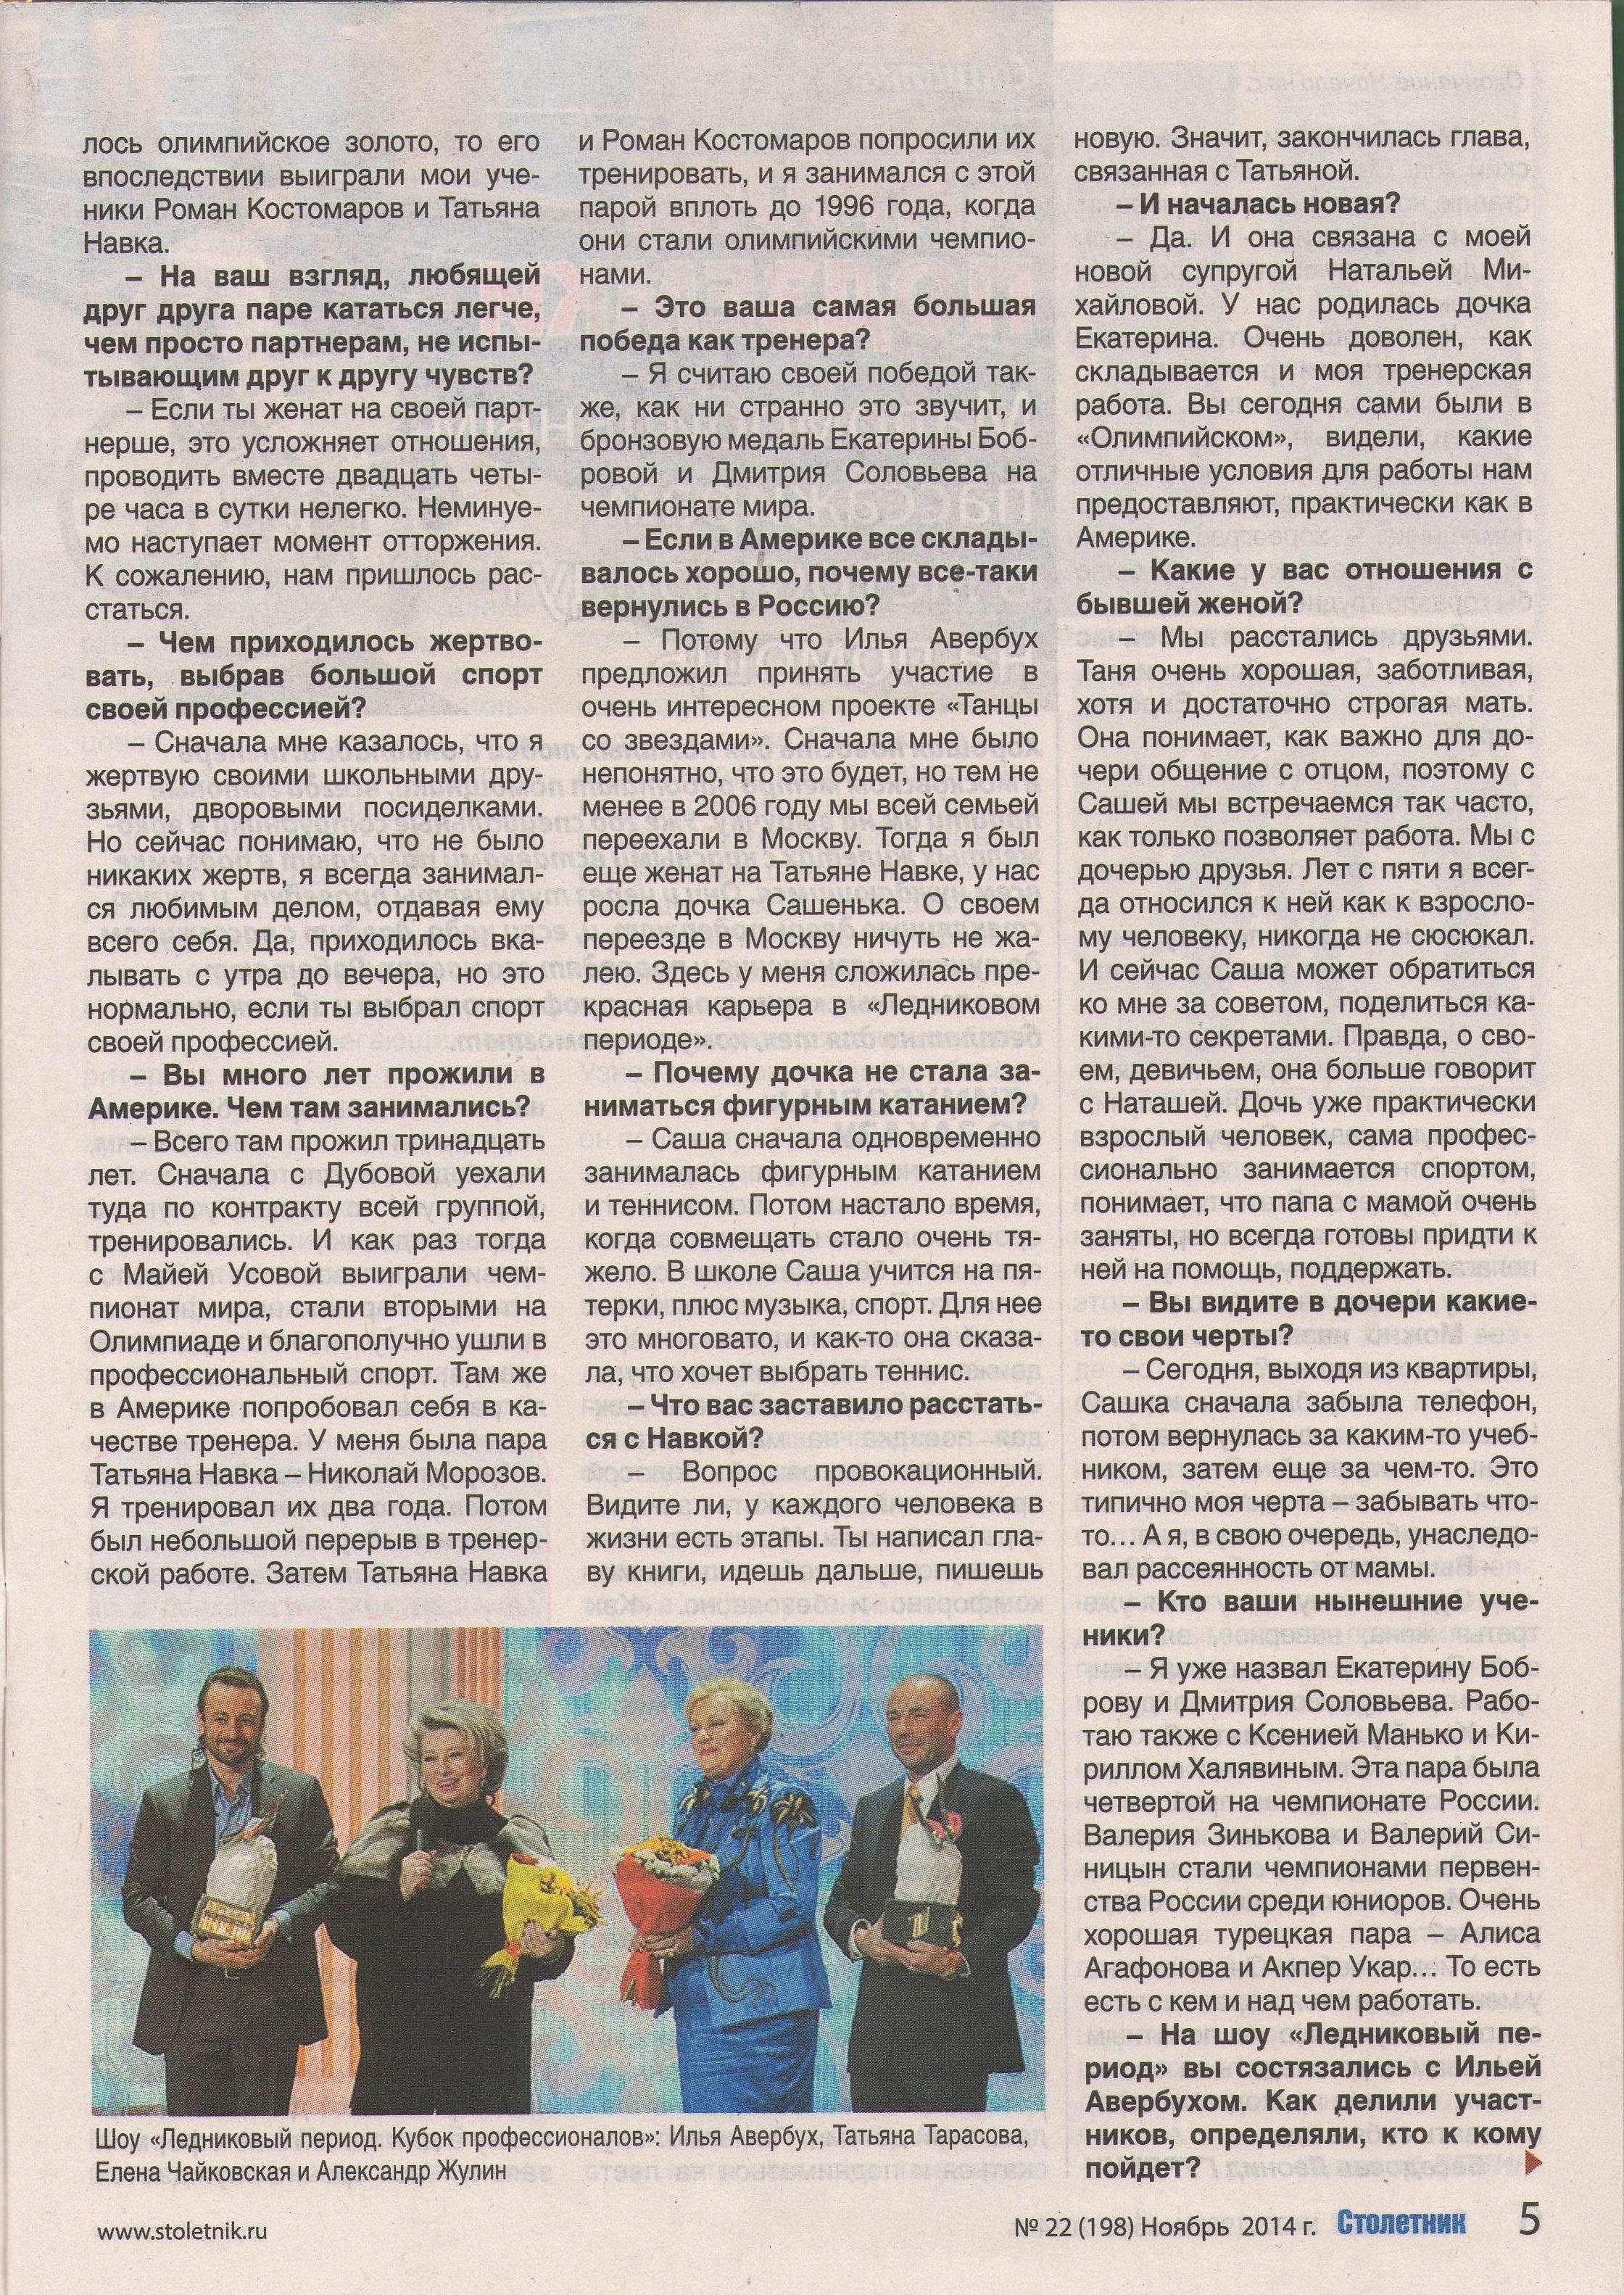 Группа Александра Жулина - Клуб: СШОР «Москвич» (Москва)  XwUZk